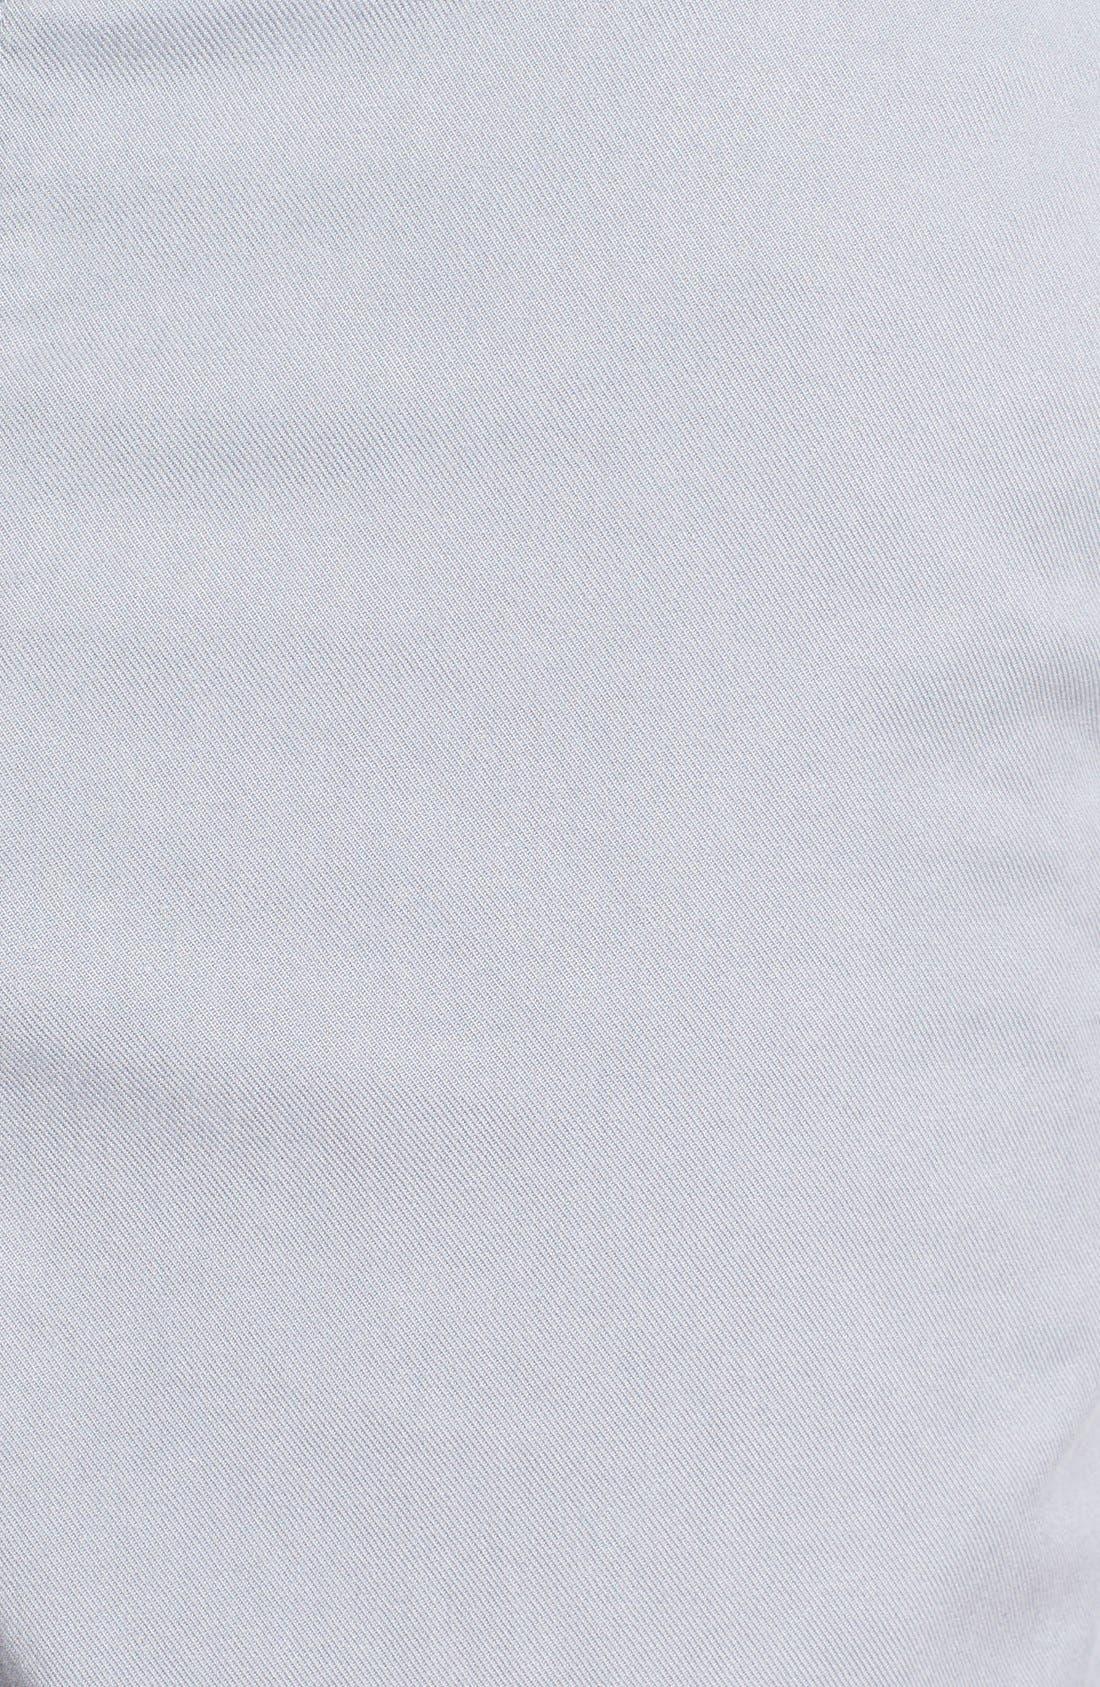 Alternate Image 5  - Tommy Bahama 'Ashore Thing' Flat Front Shorts